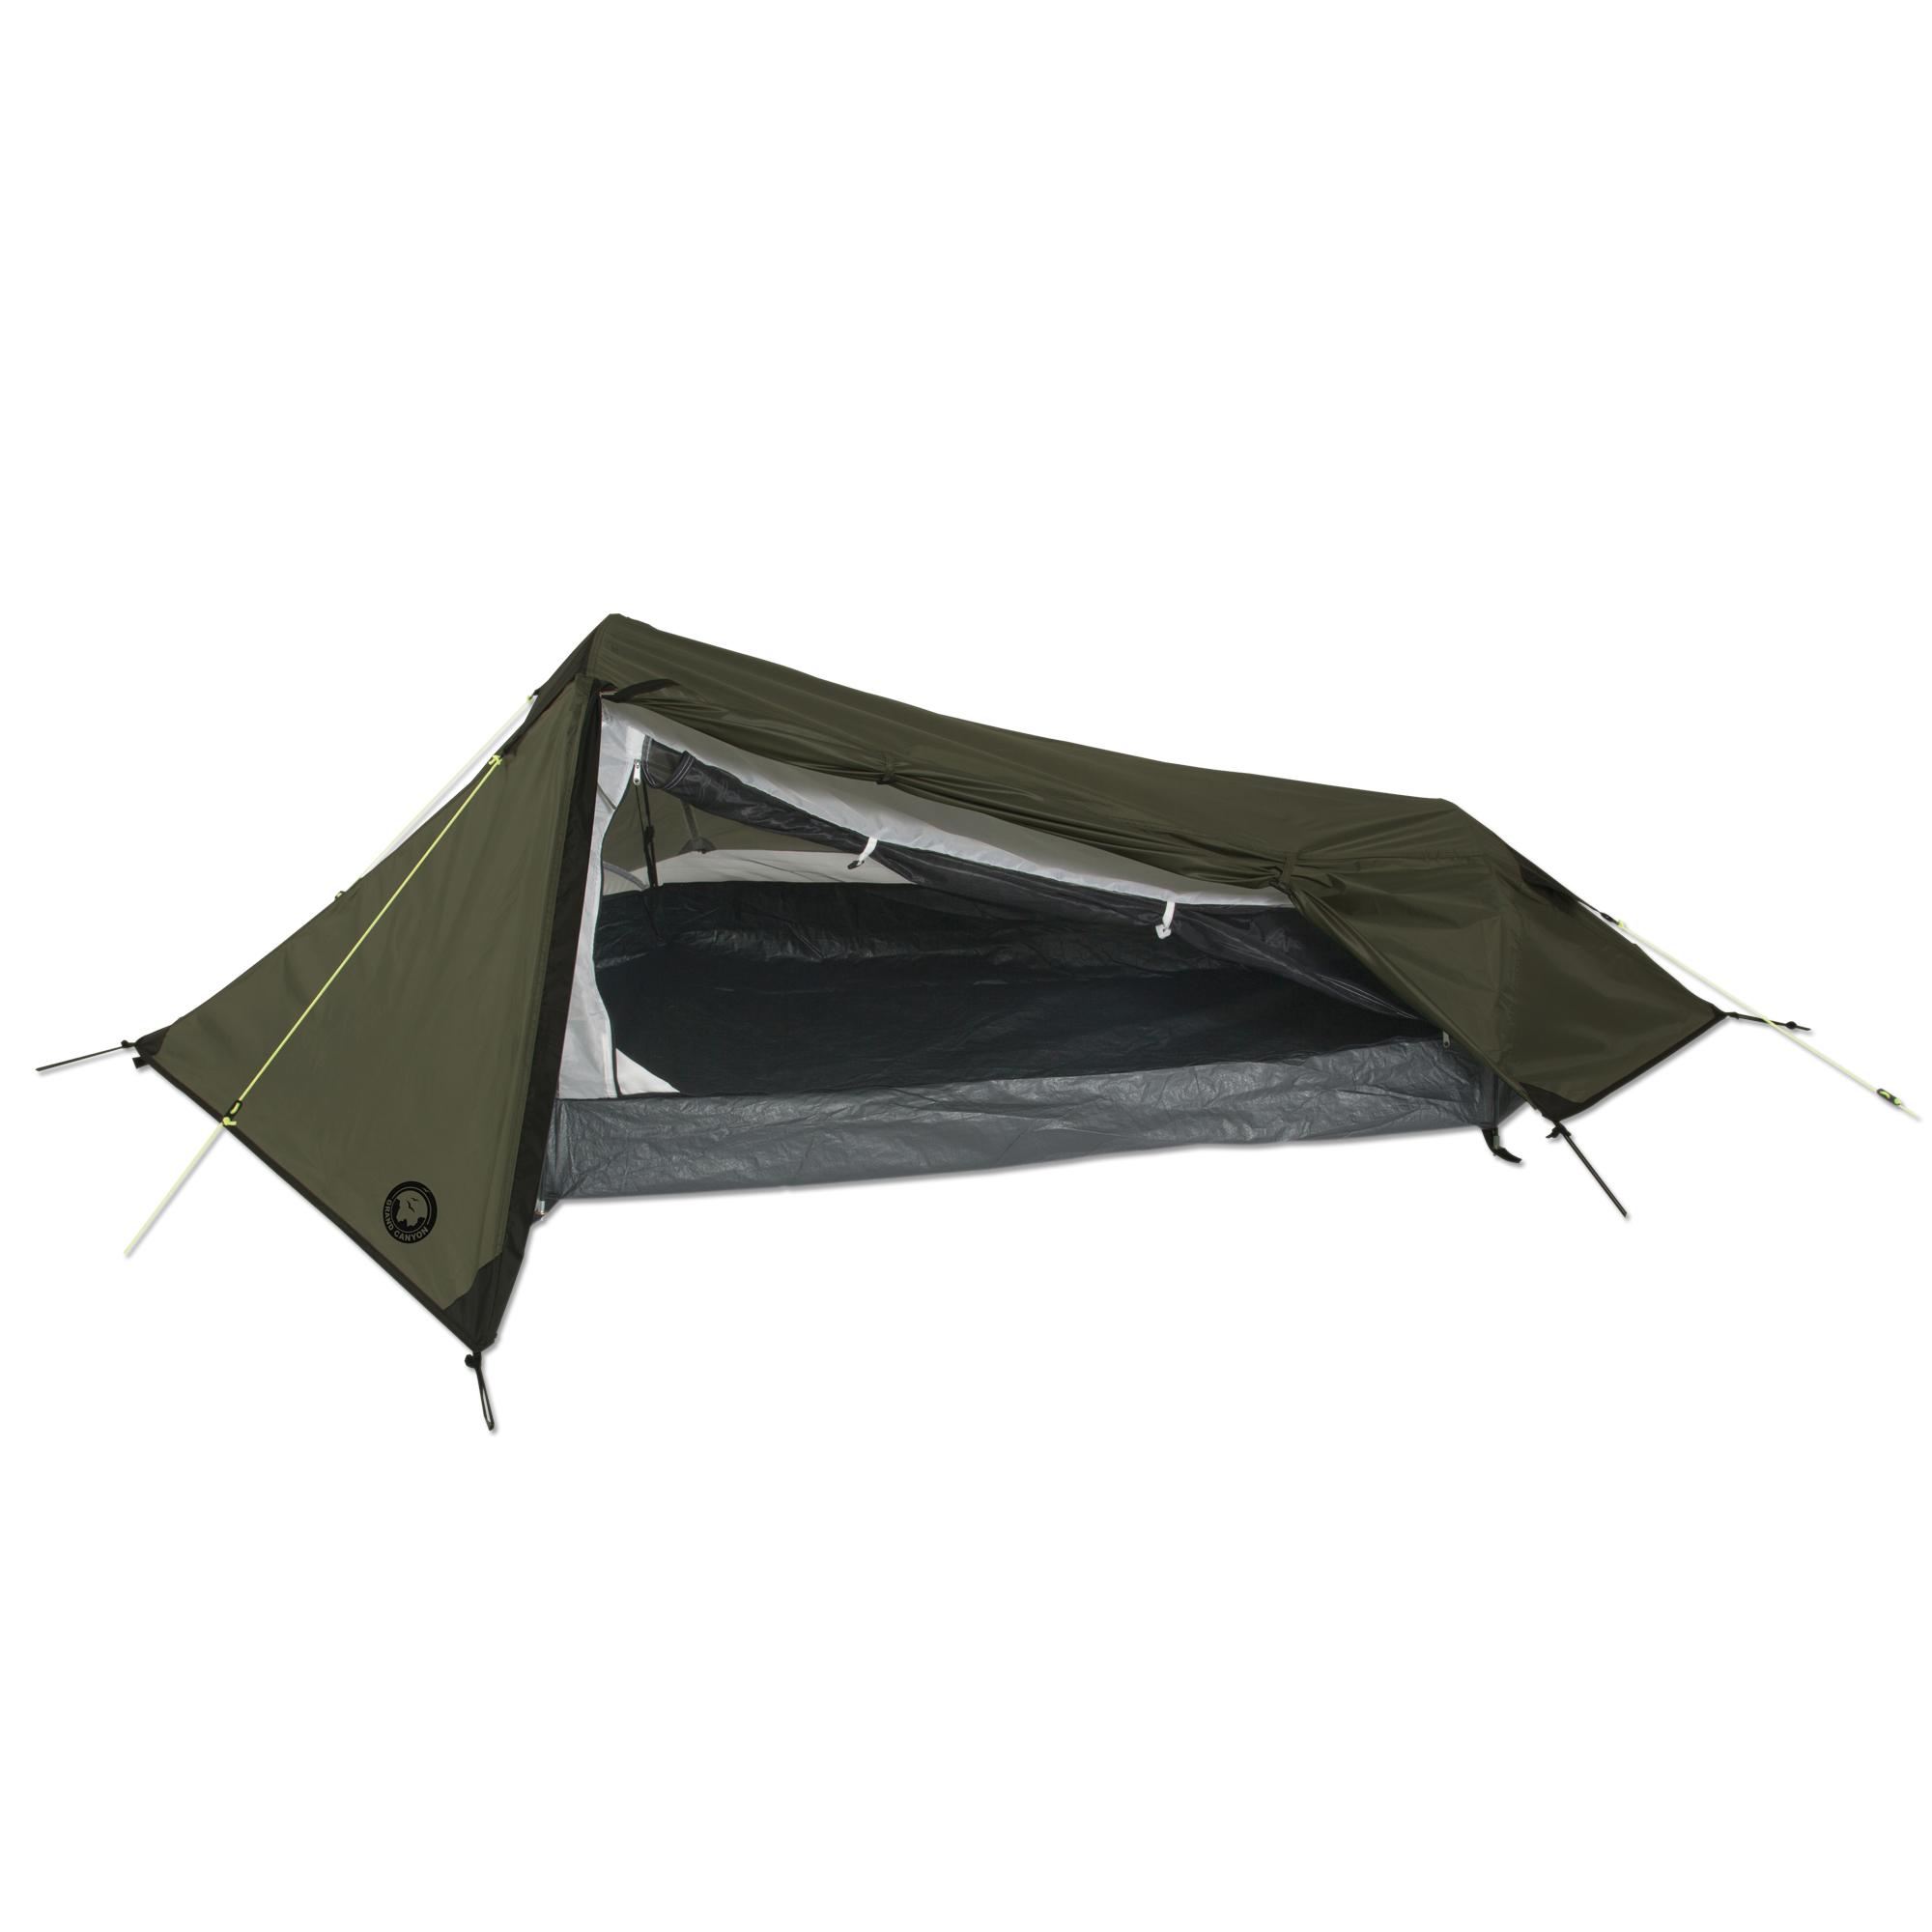 Grand Canyon Tente Richmond 1 personne